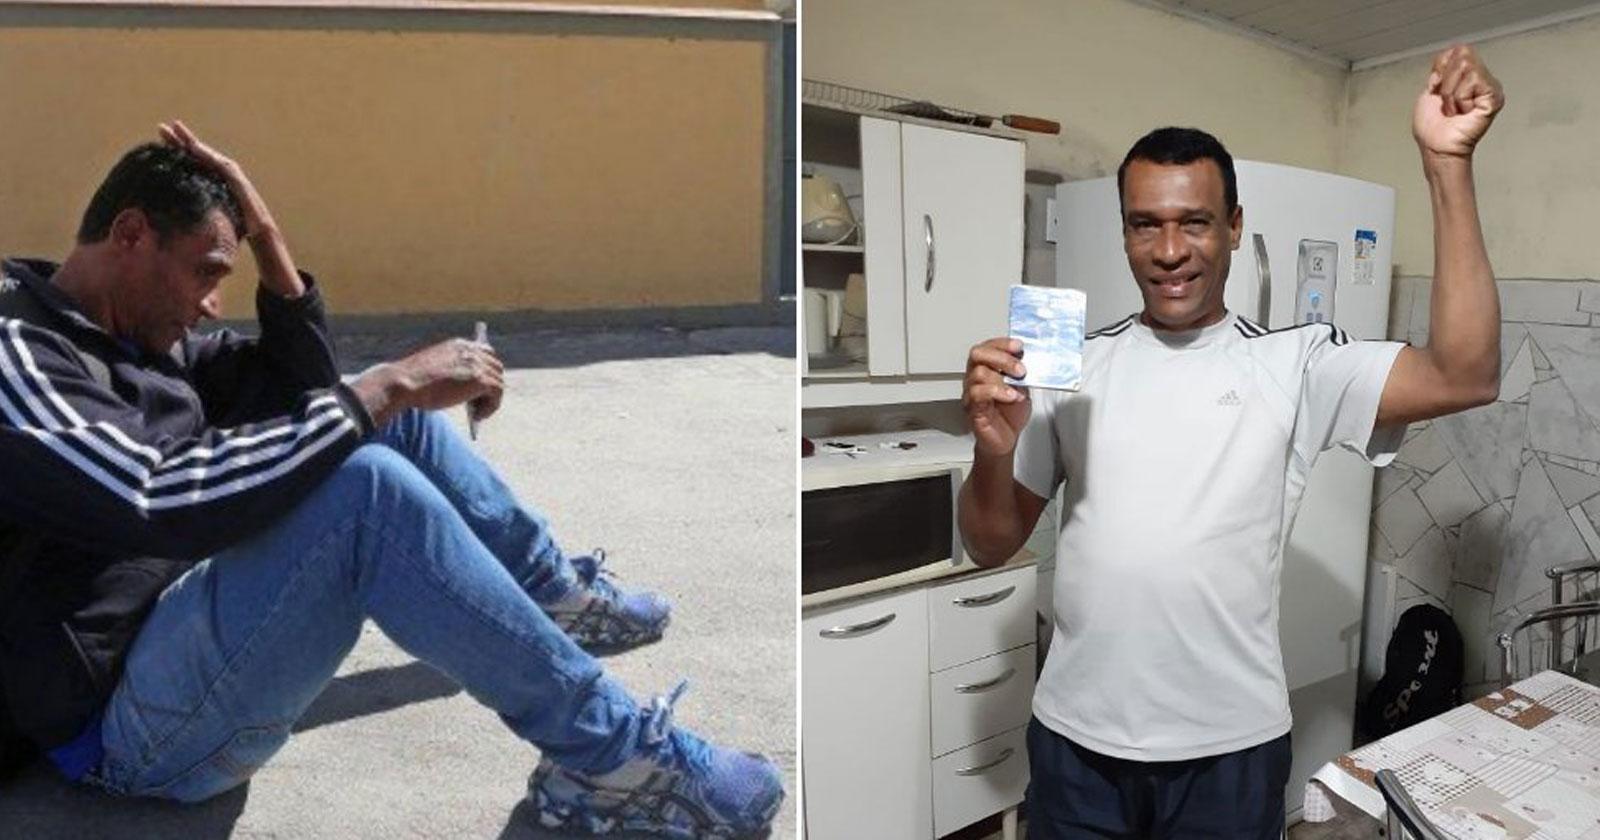 Um ano após ser enganado por falso anúncio de emprego, pedreiro finalmente consegue trabalho! 1